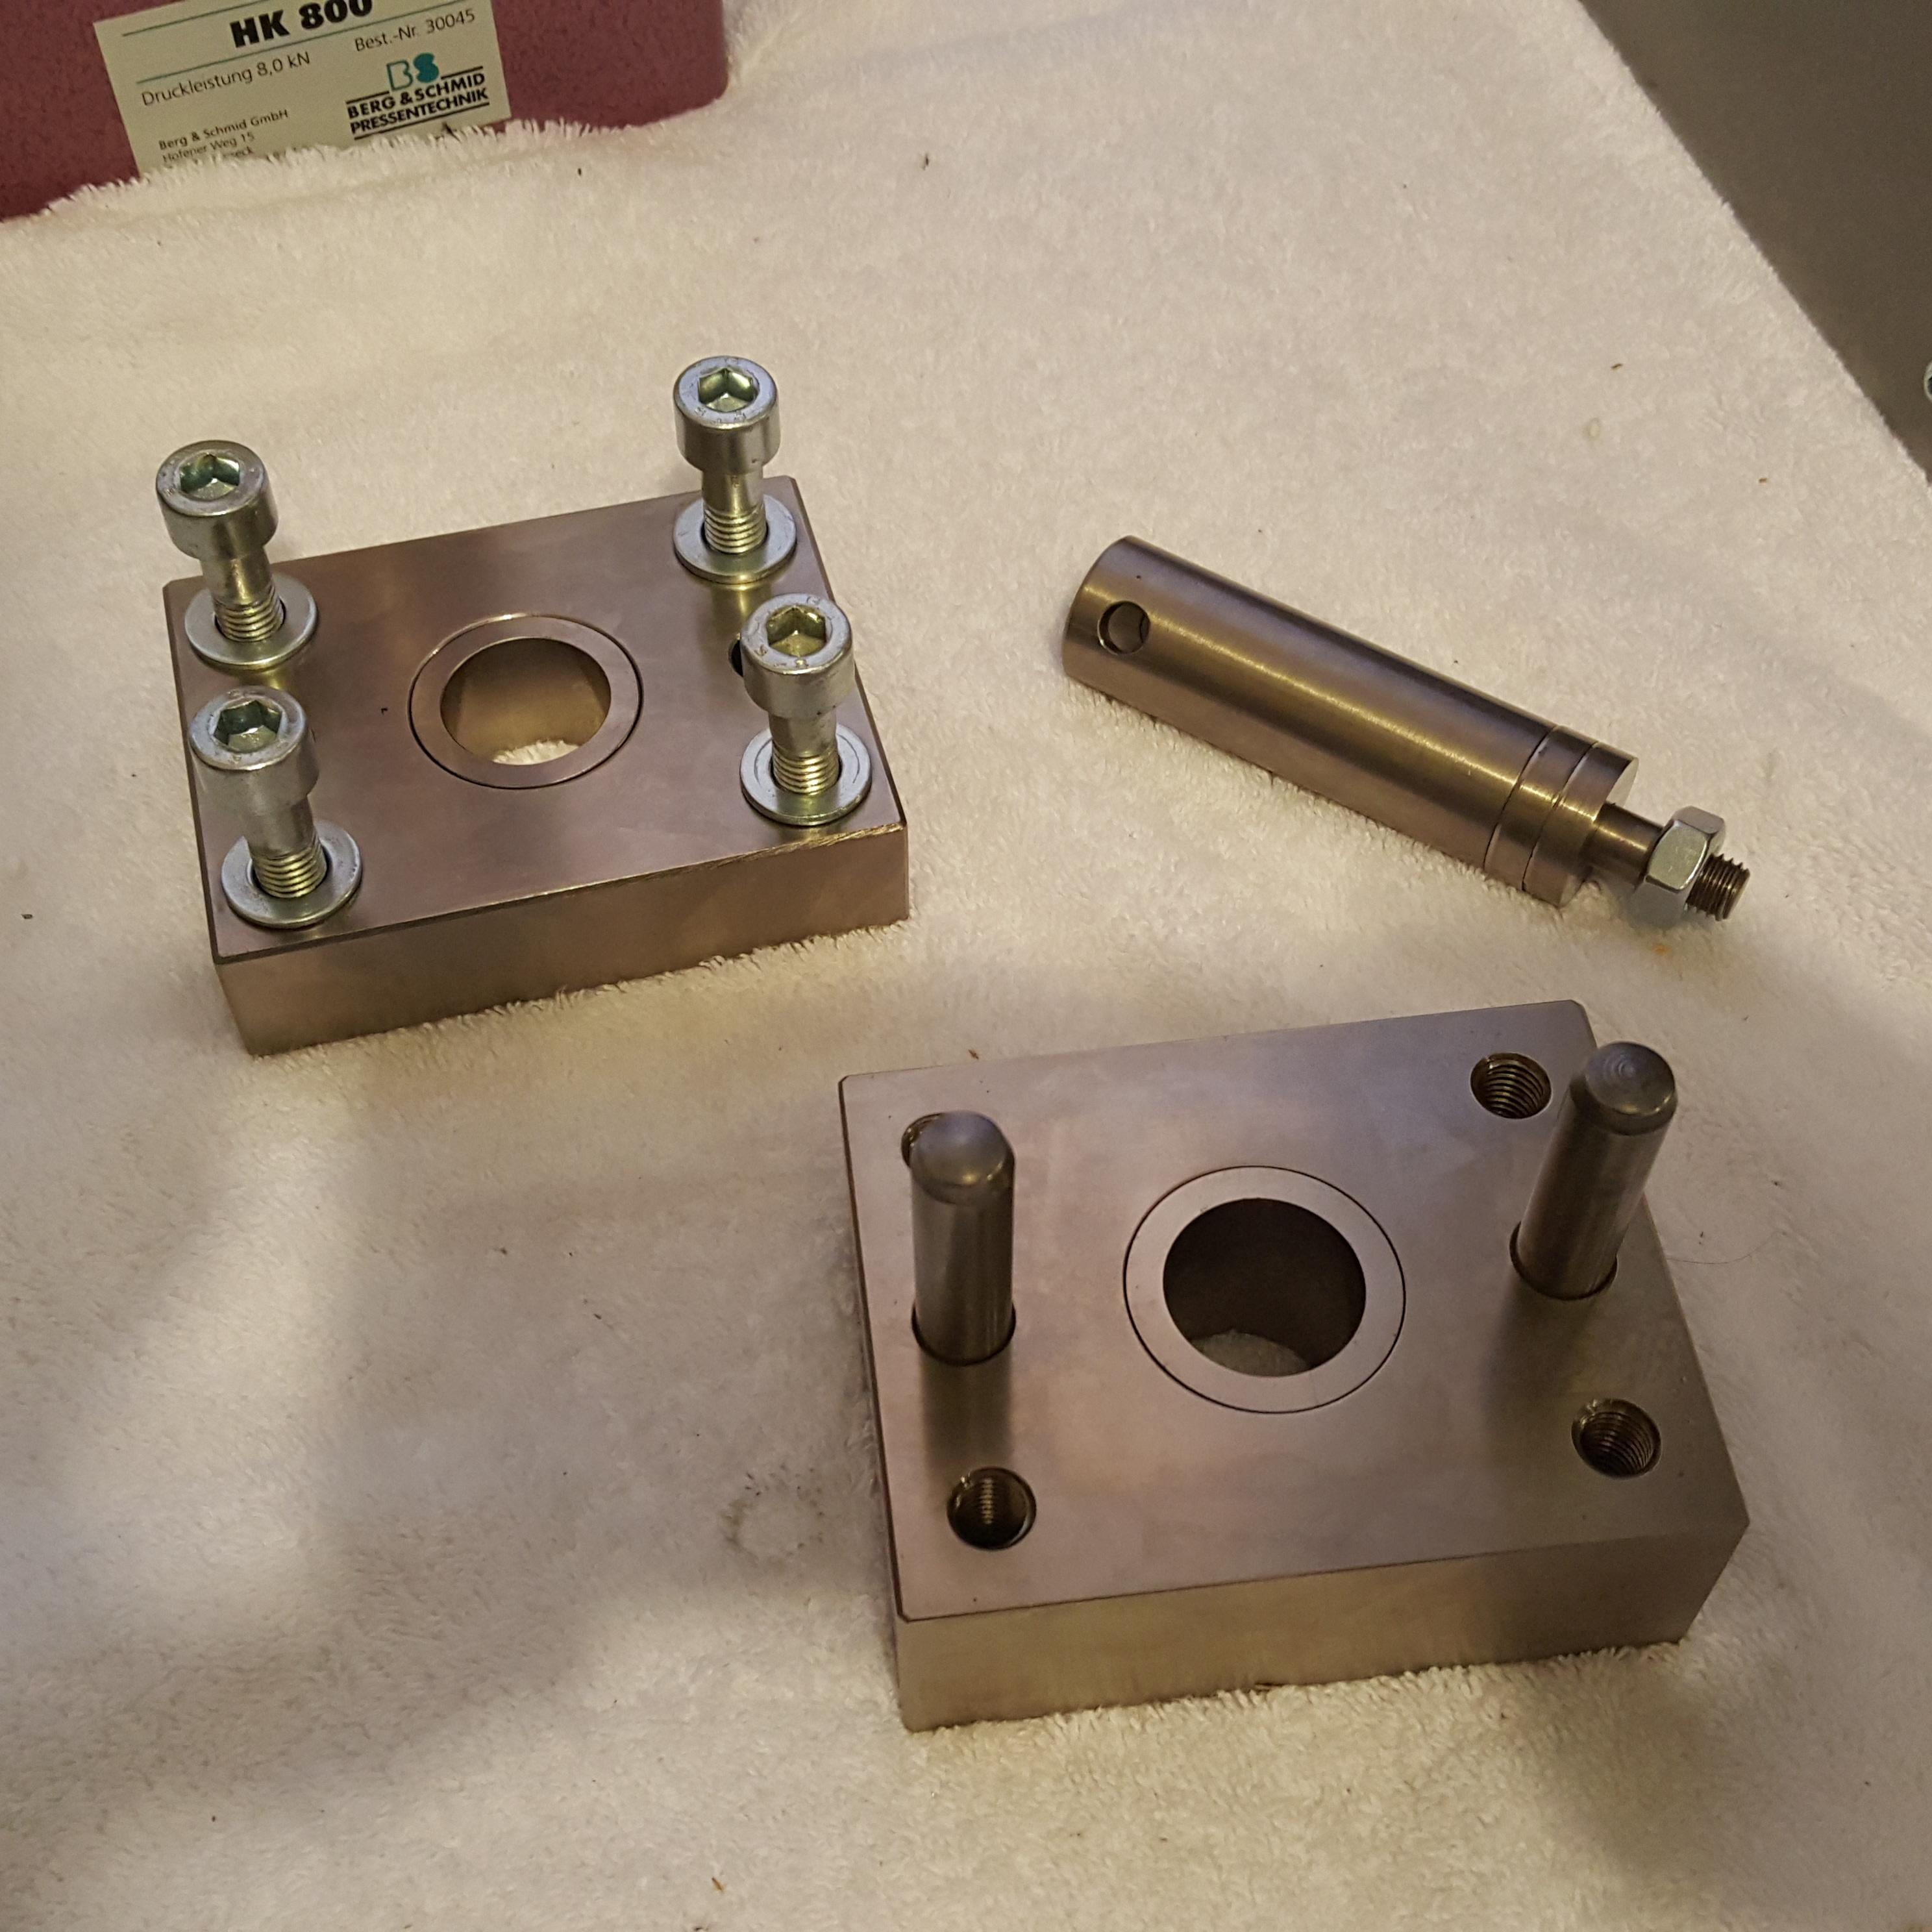 ASTM D732 Plastics Shear Fixture